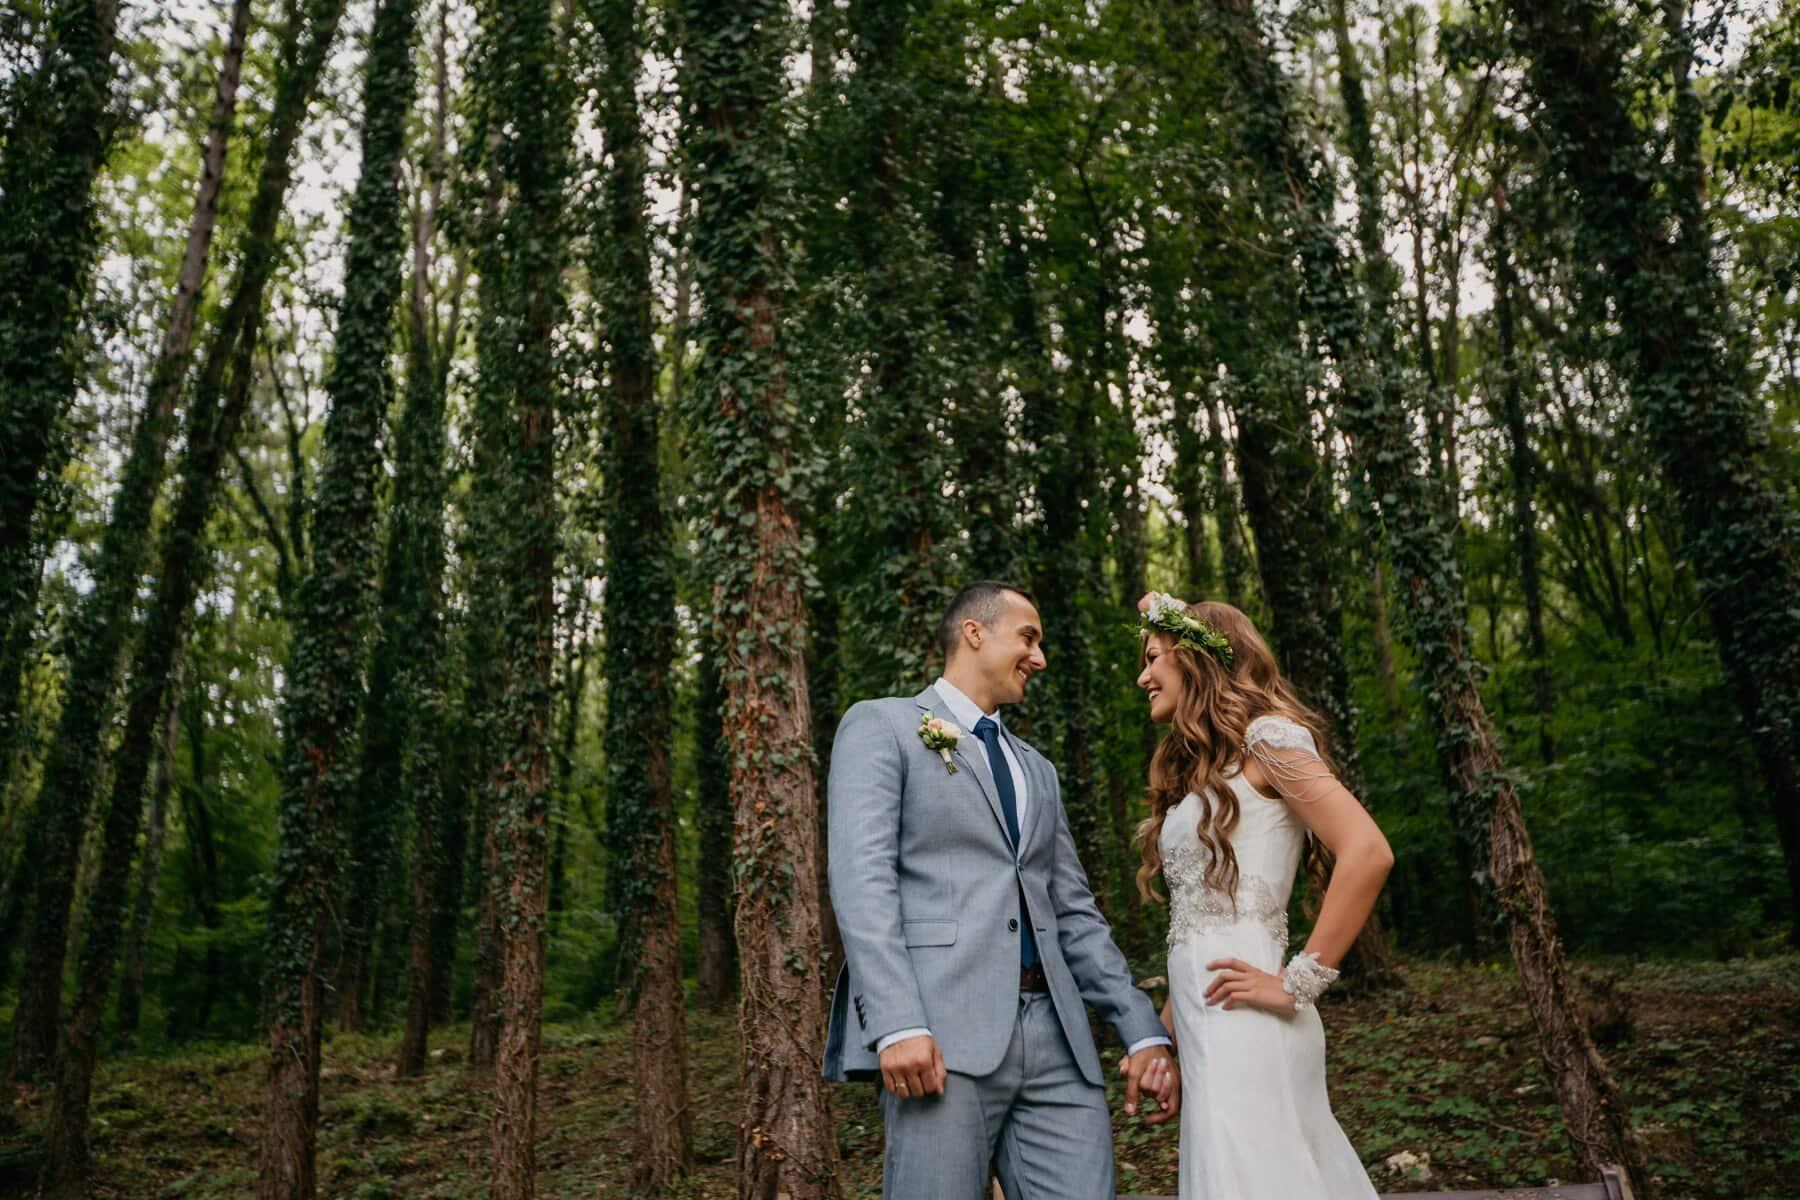 Tanrıça, Çekici, Prens, Prenses, Tatlı kız, su perisi, Düğün, damat, park, ağaç